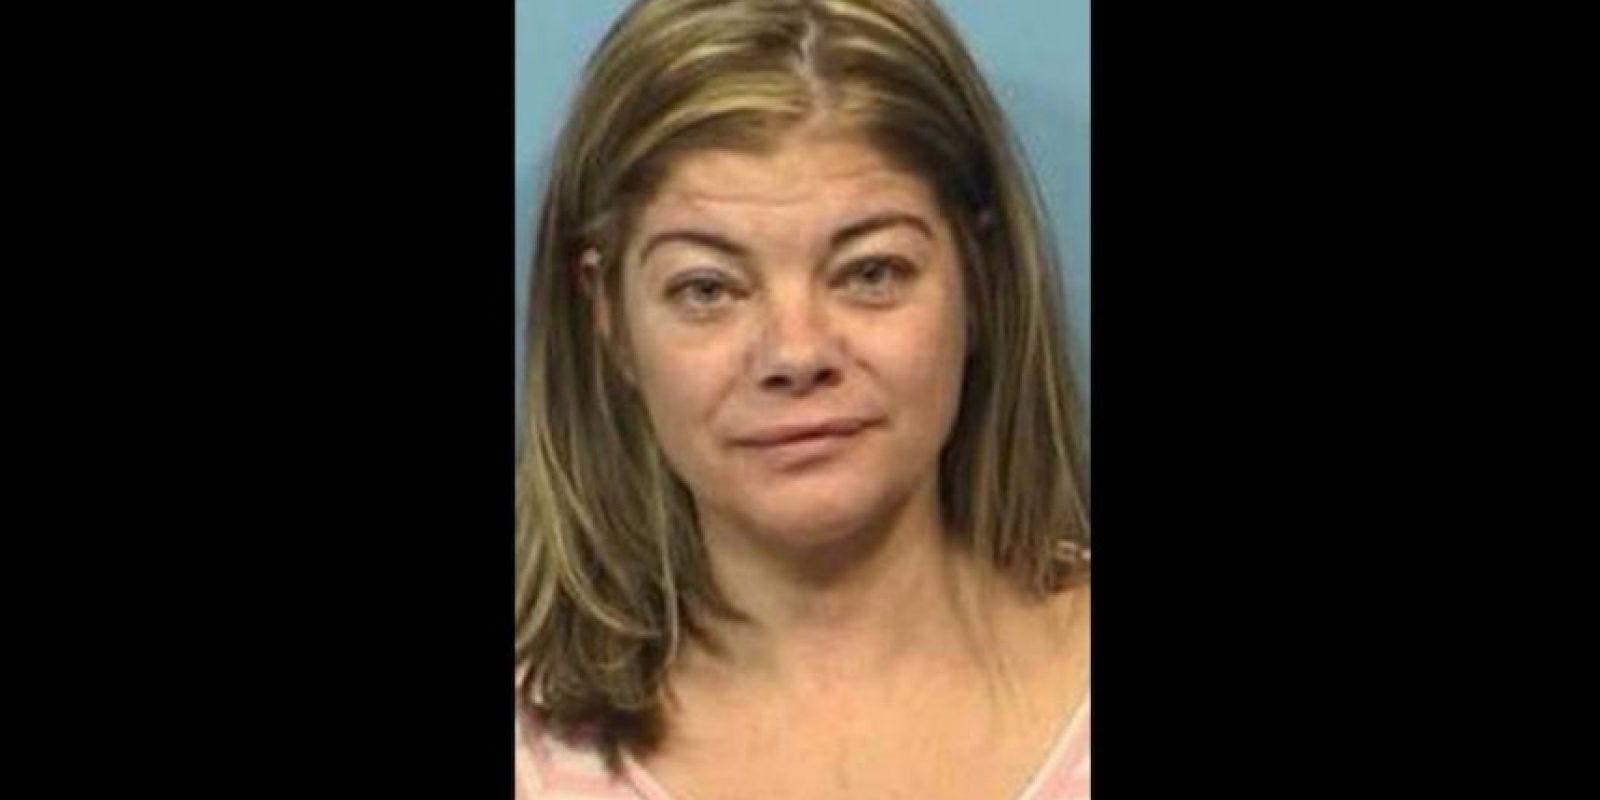 Christine Taylor fue acusada de abusar a un menor de 16 años. Foto:Vía DuPage County Sheriff's Office